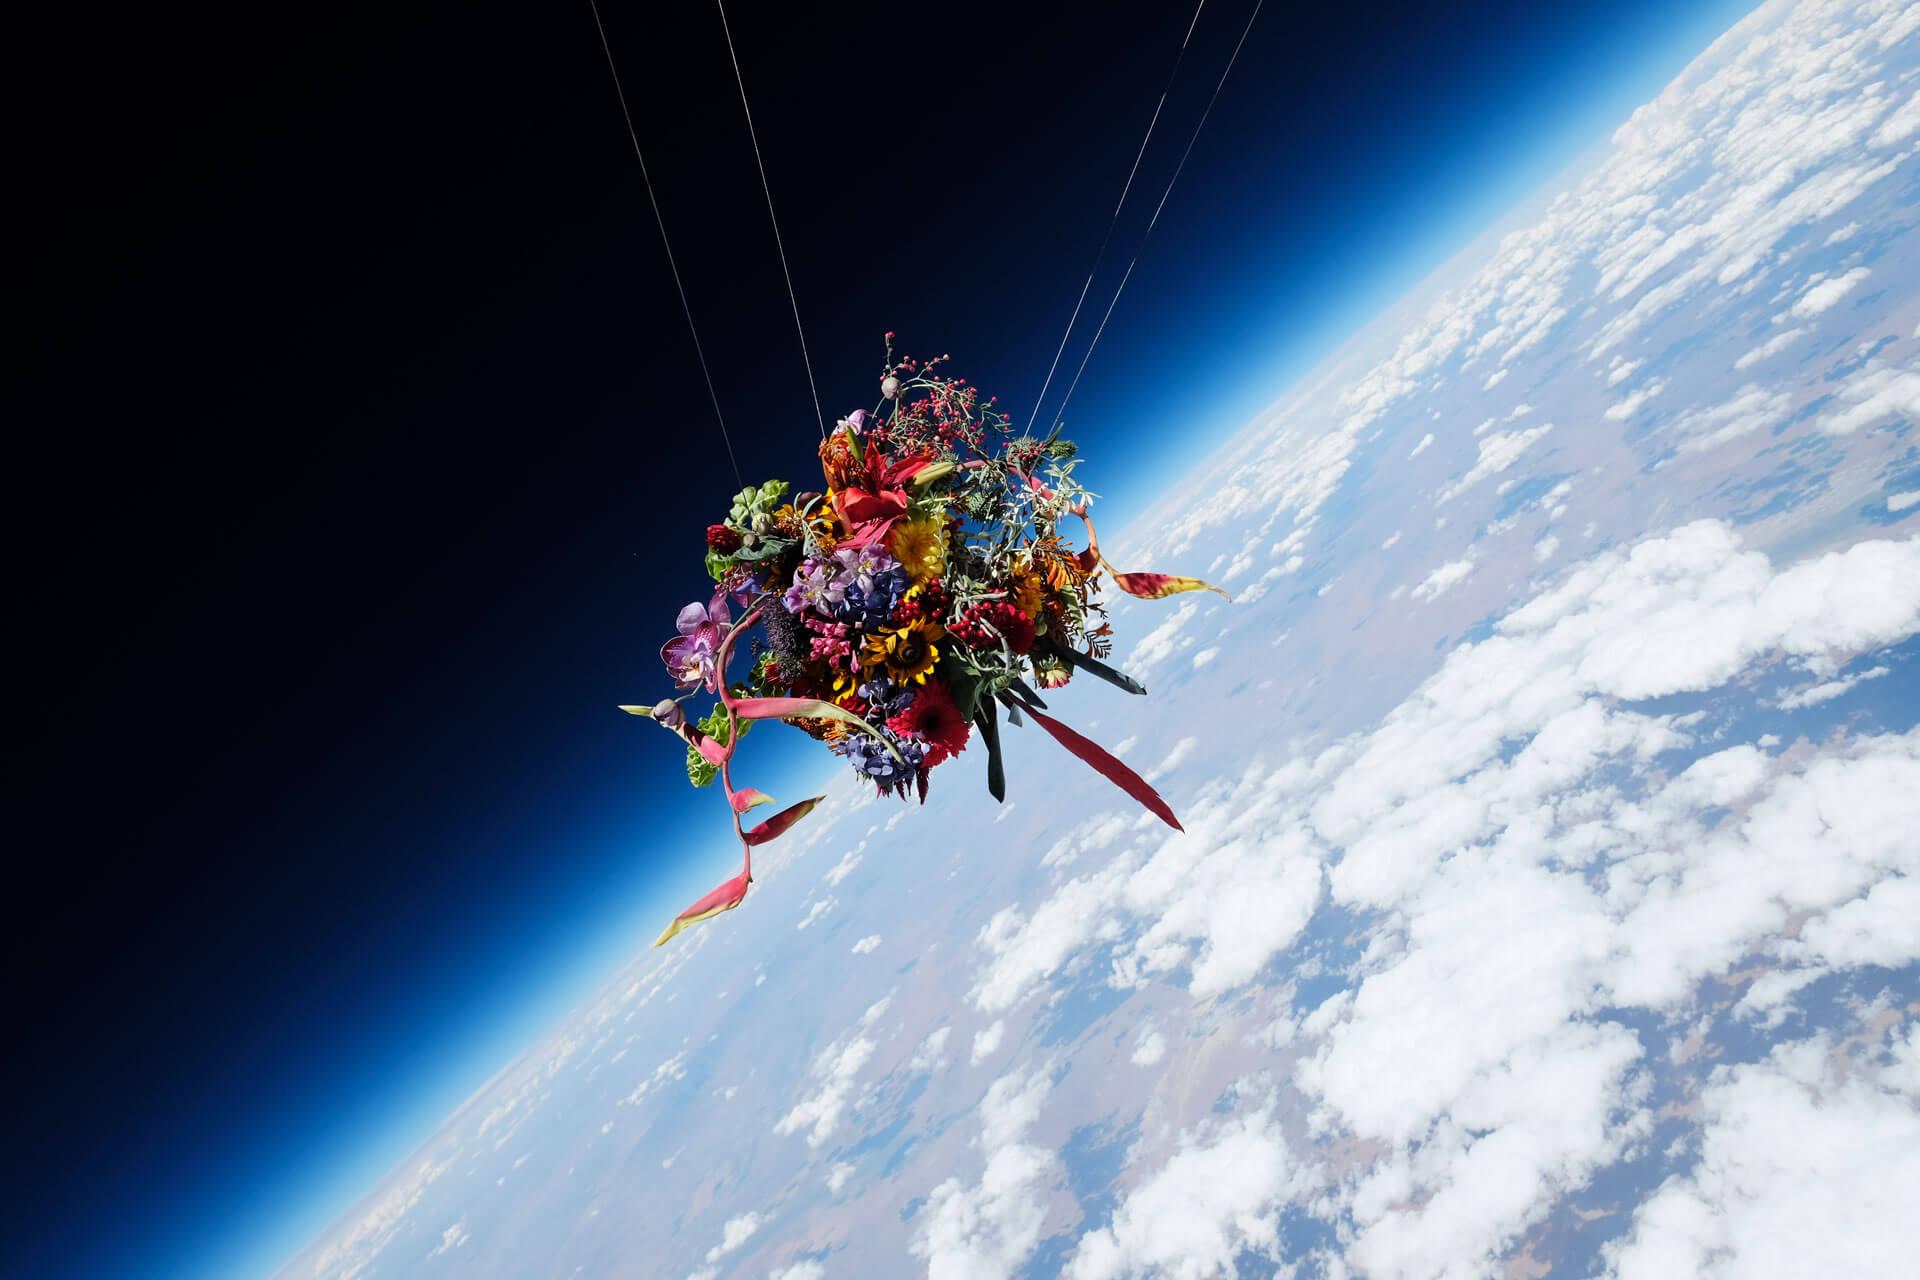 東信將巨型花束放置氦氣球上,任由它脫離地心引力飛至宇宙邊際。